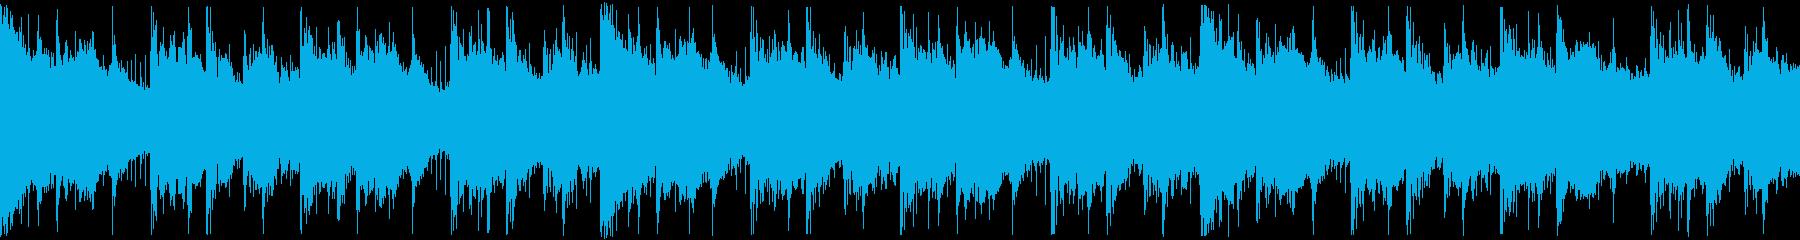 決断の時を表現したHip-Hop ループの再生済みの波形